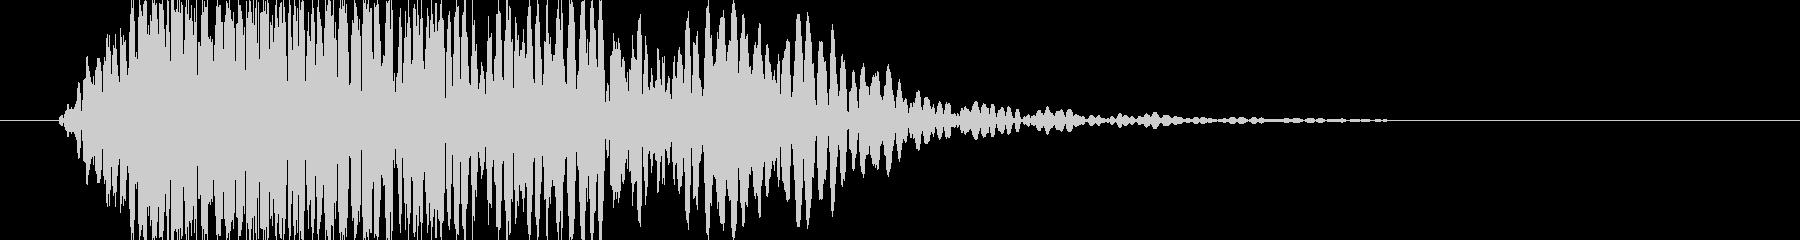 重量感のある場面転換音。シーンの切り替えの未再生の波形